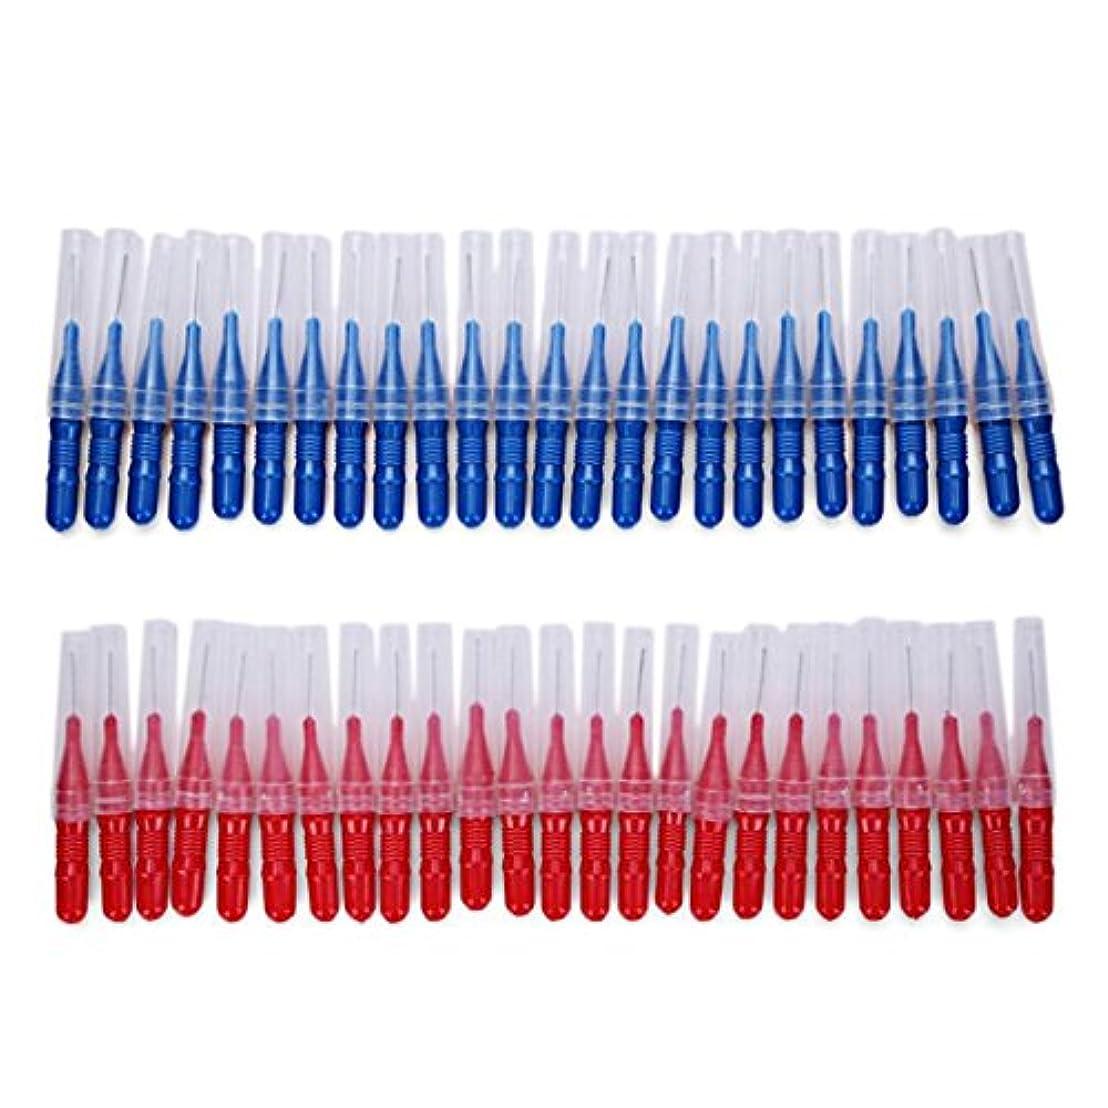 例示するシリング手2.5ミリメートル50ピース/セットブラッシング歯すきま歯ブラシクリーニングツール歯のケア歯科用歯間ブラシ - 赤と青